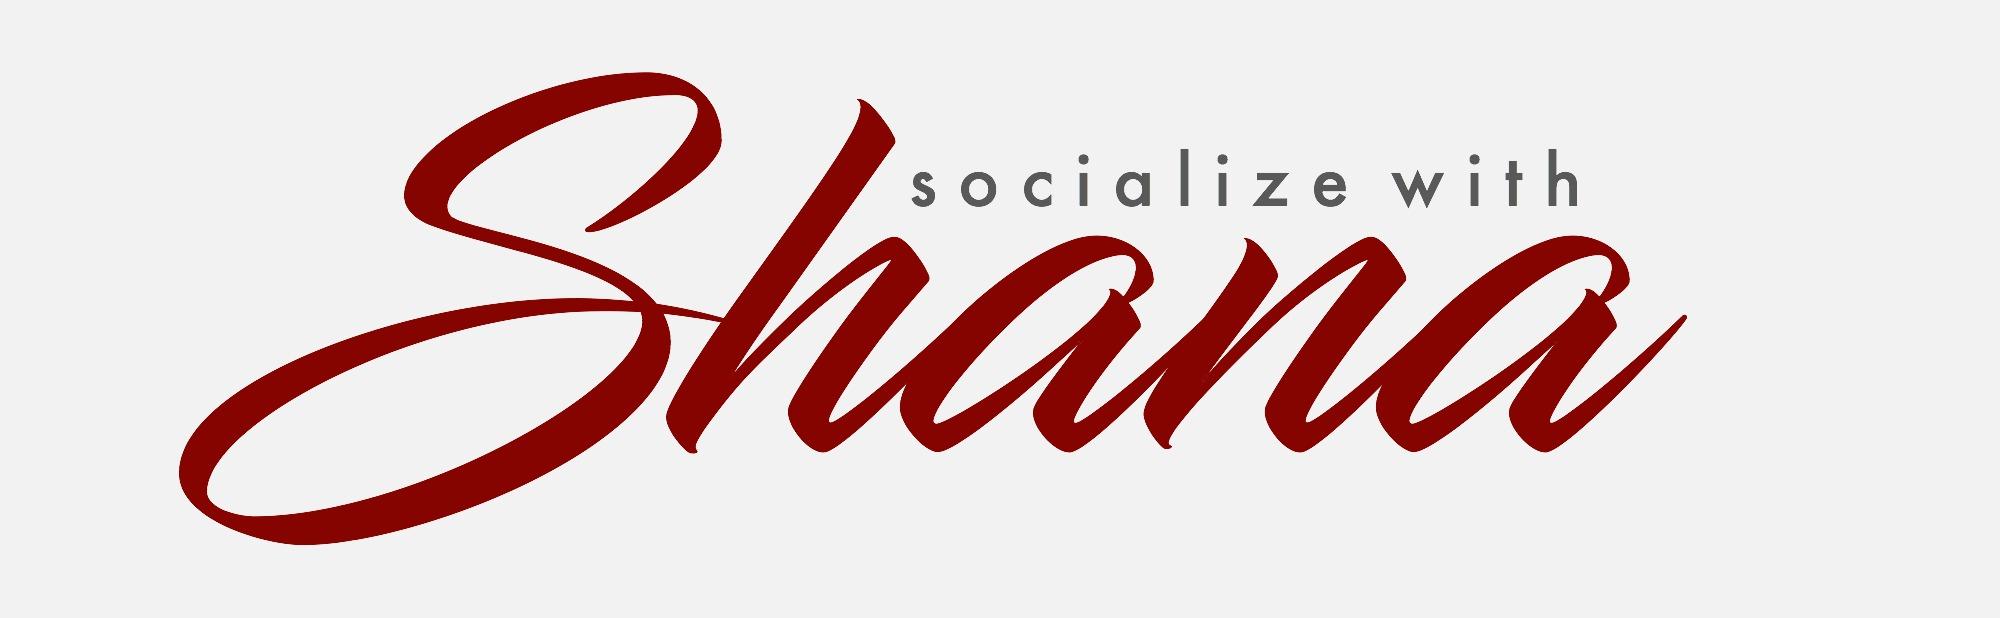 Socialize 2.jpg